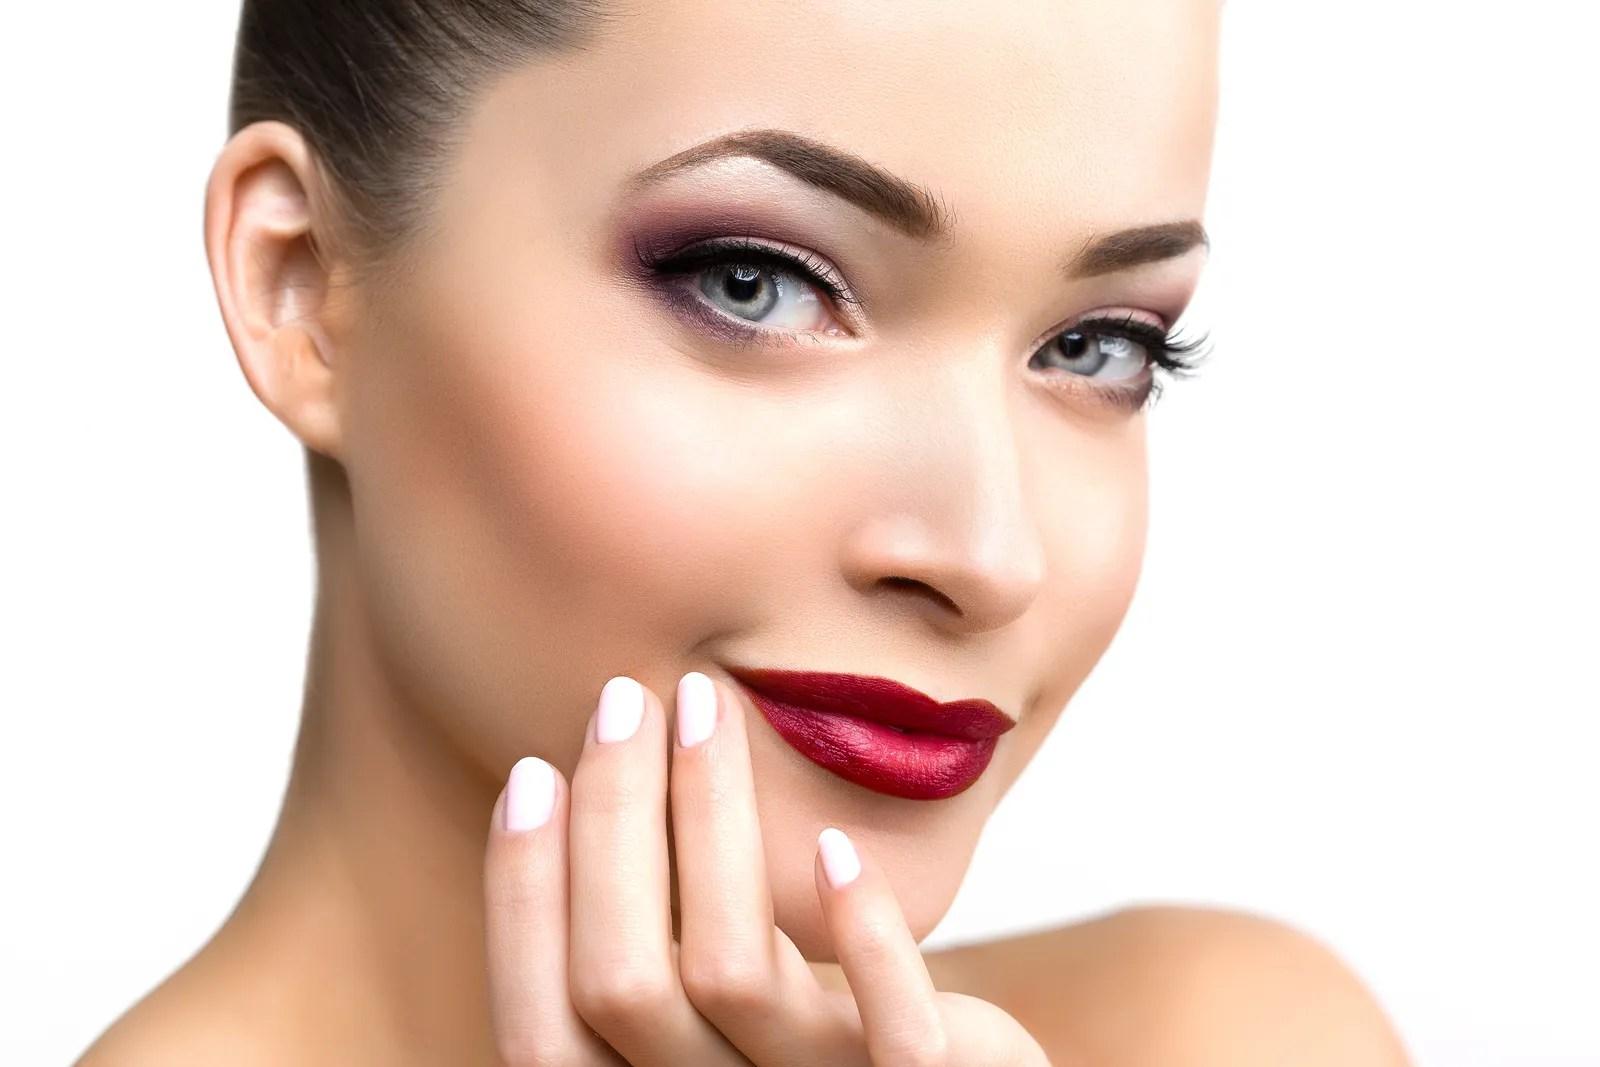 Labios bonitos sin botox en 30 días solo aplicando un